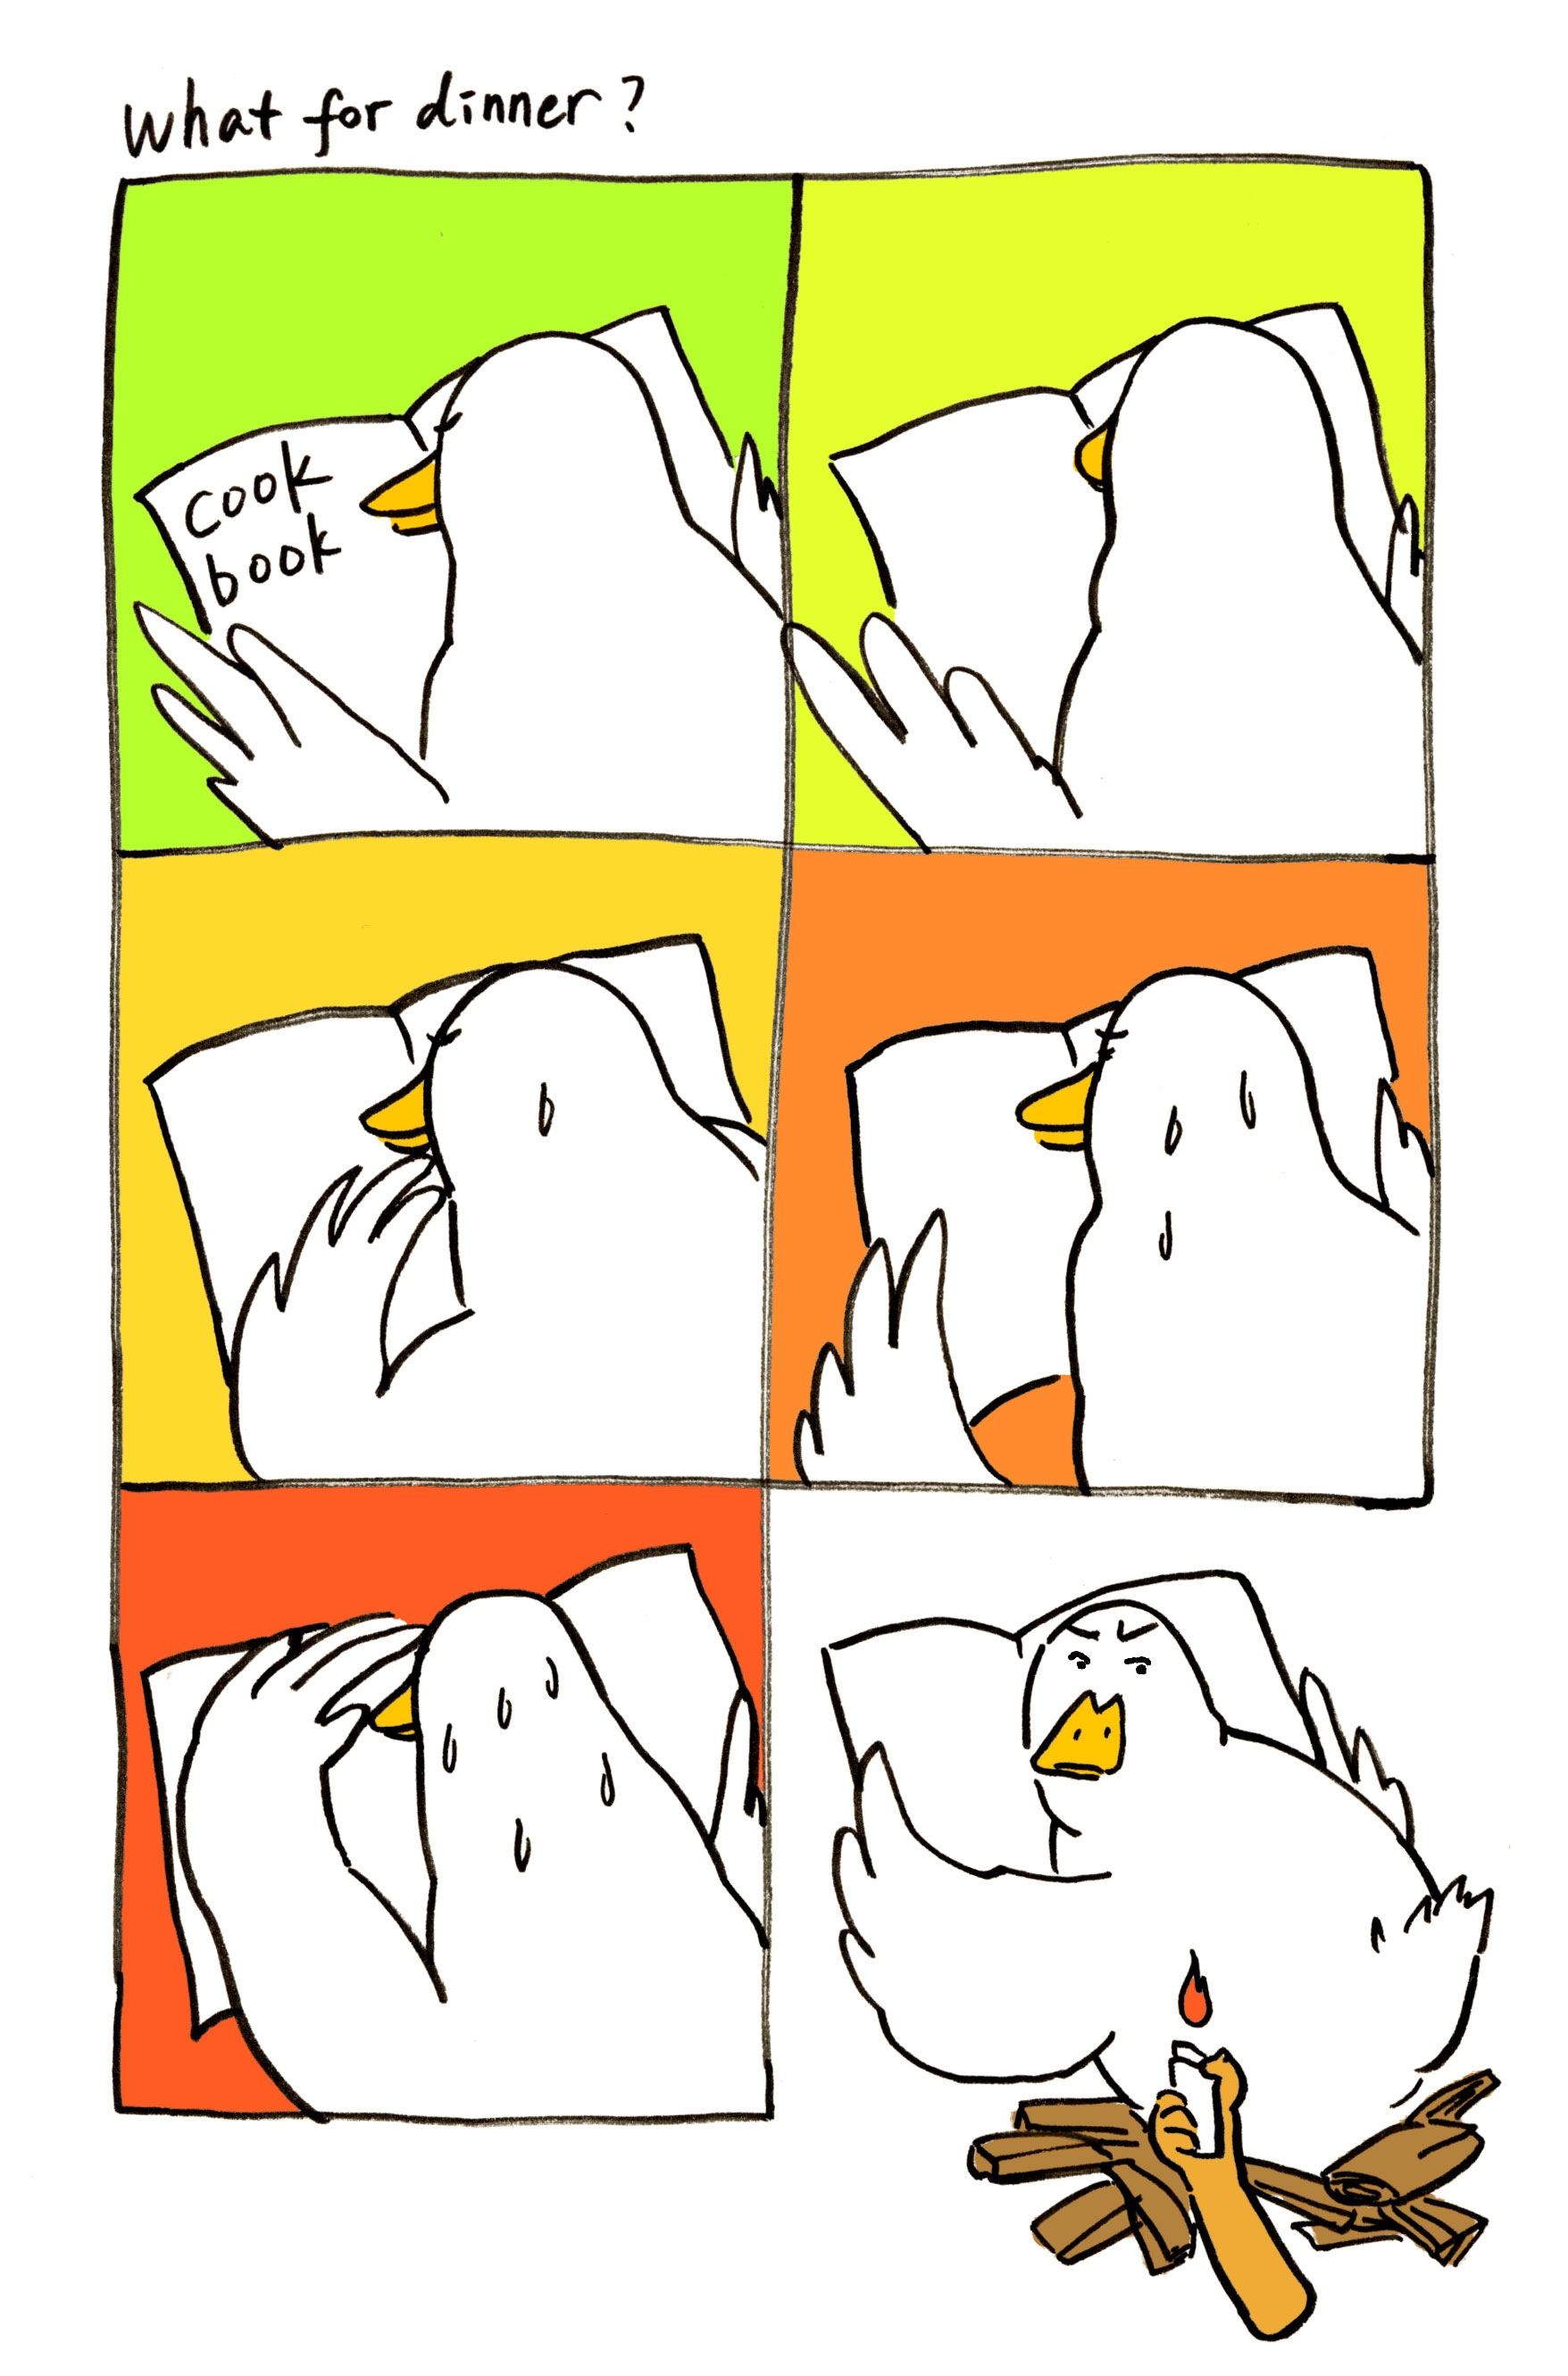 Roast-duck-0201.jpg